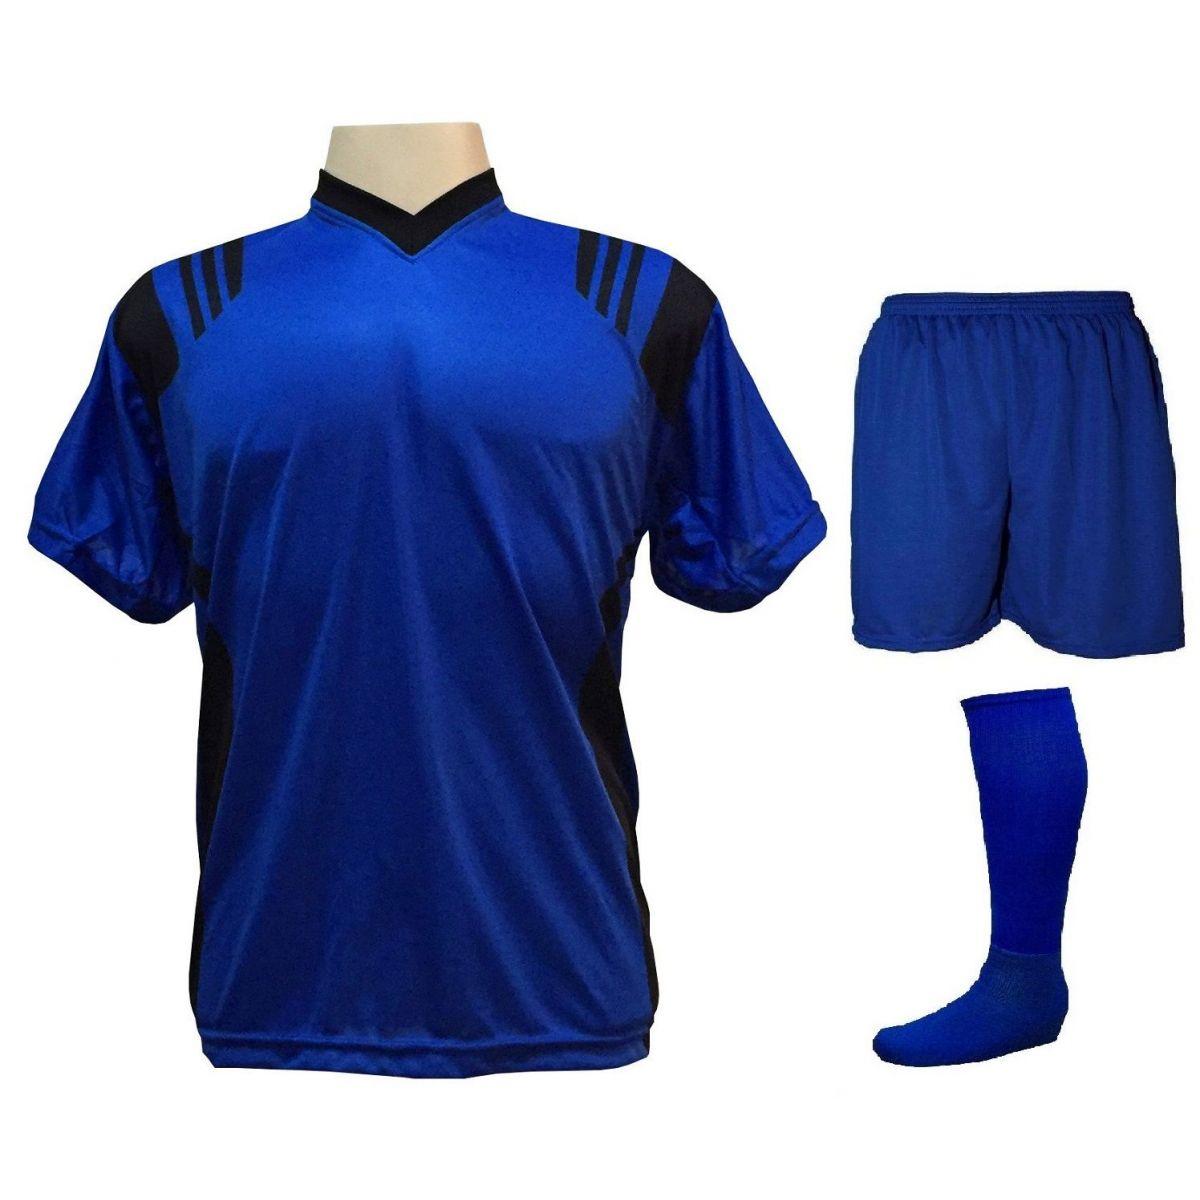 Uniforme Esportivo com 18 camisas modelo Roma Royal/Preto + 18 calções modelo Madrid Royal + 18 pares de meiões Royal